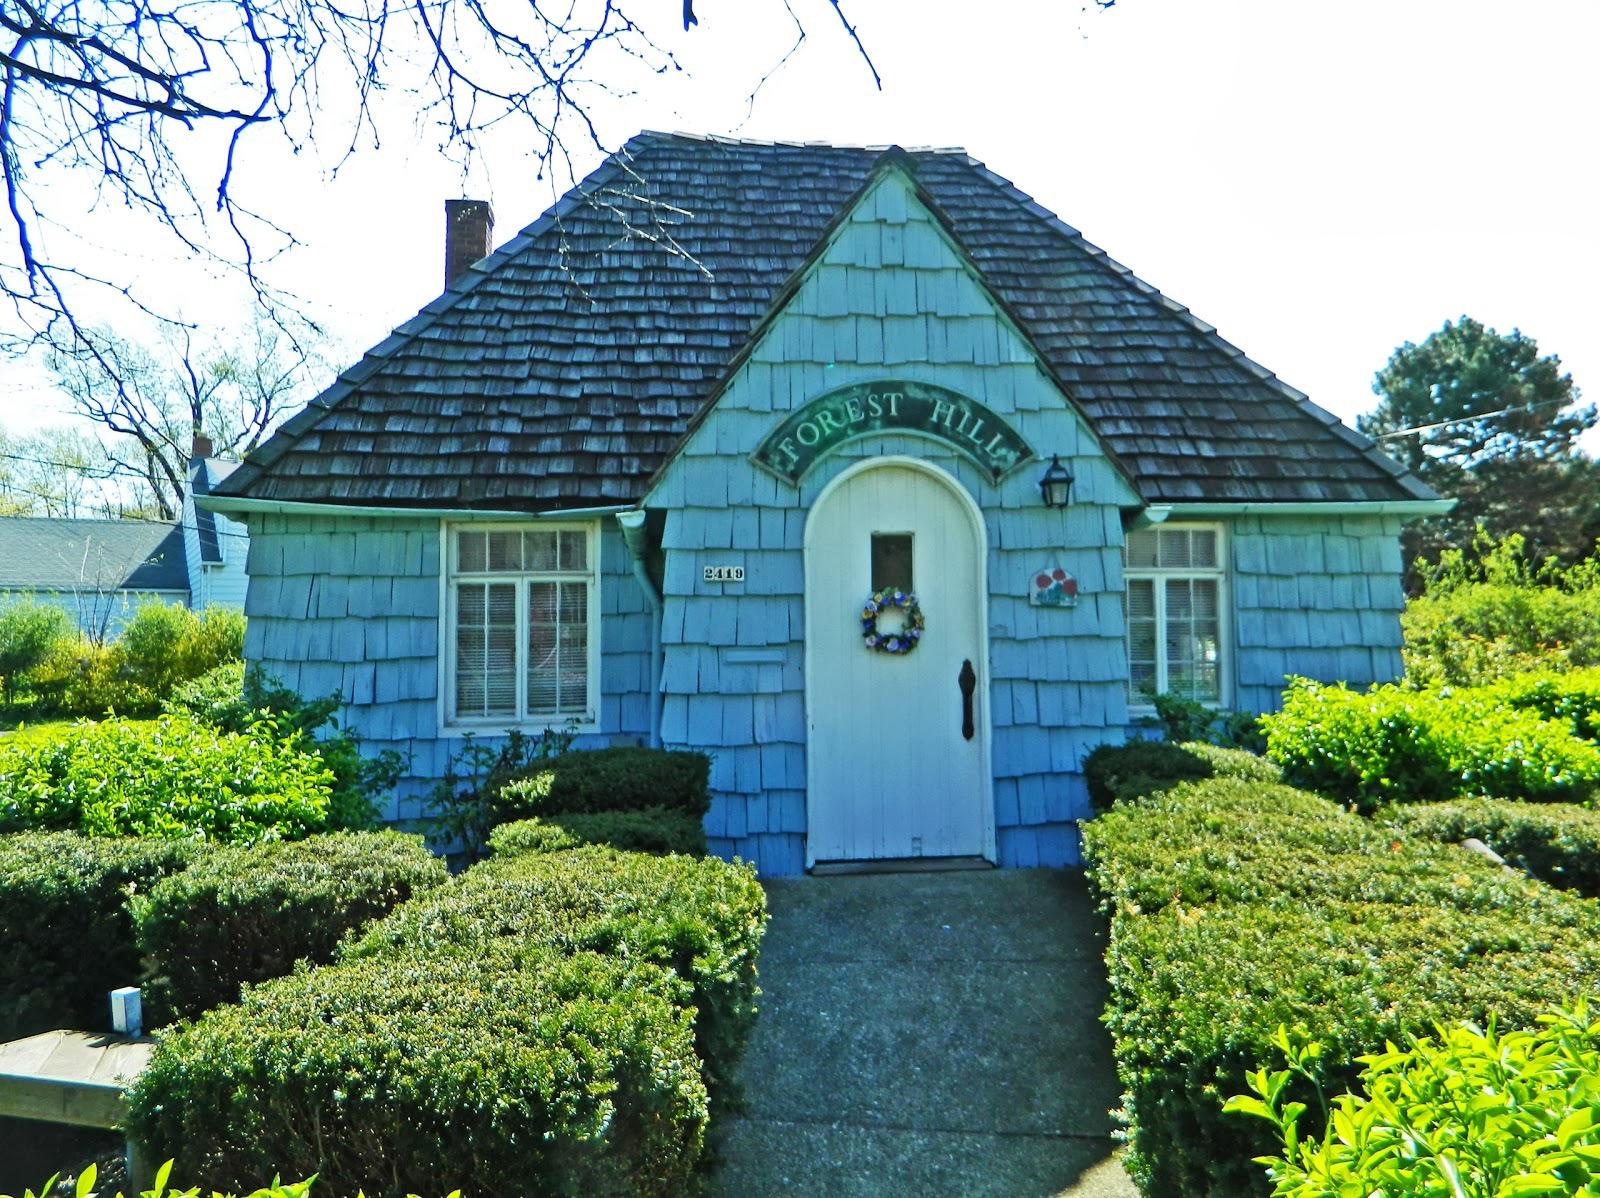 20130430003 Cleveland Hgts Forest Hills Blue Cottage 1.jpg